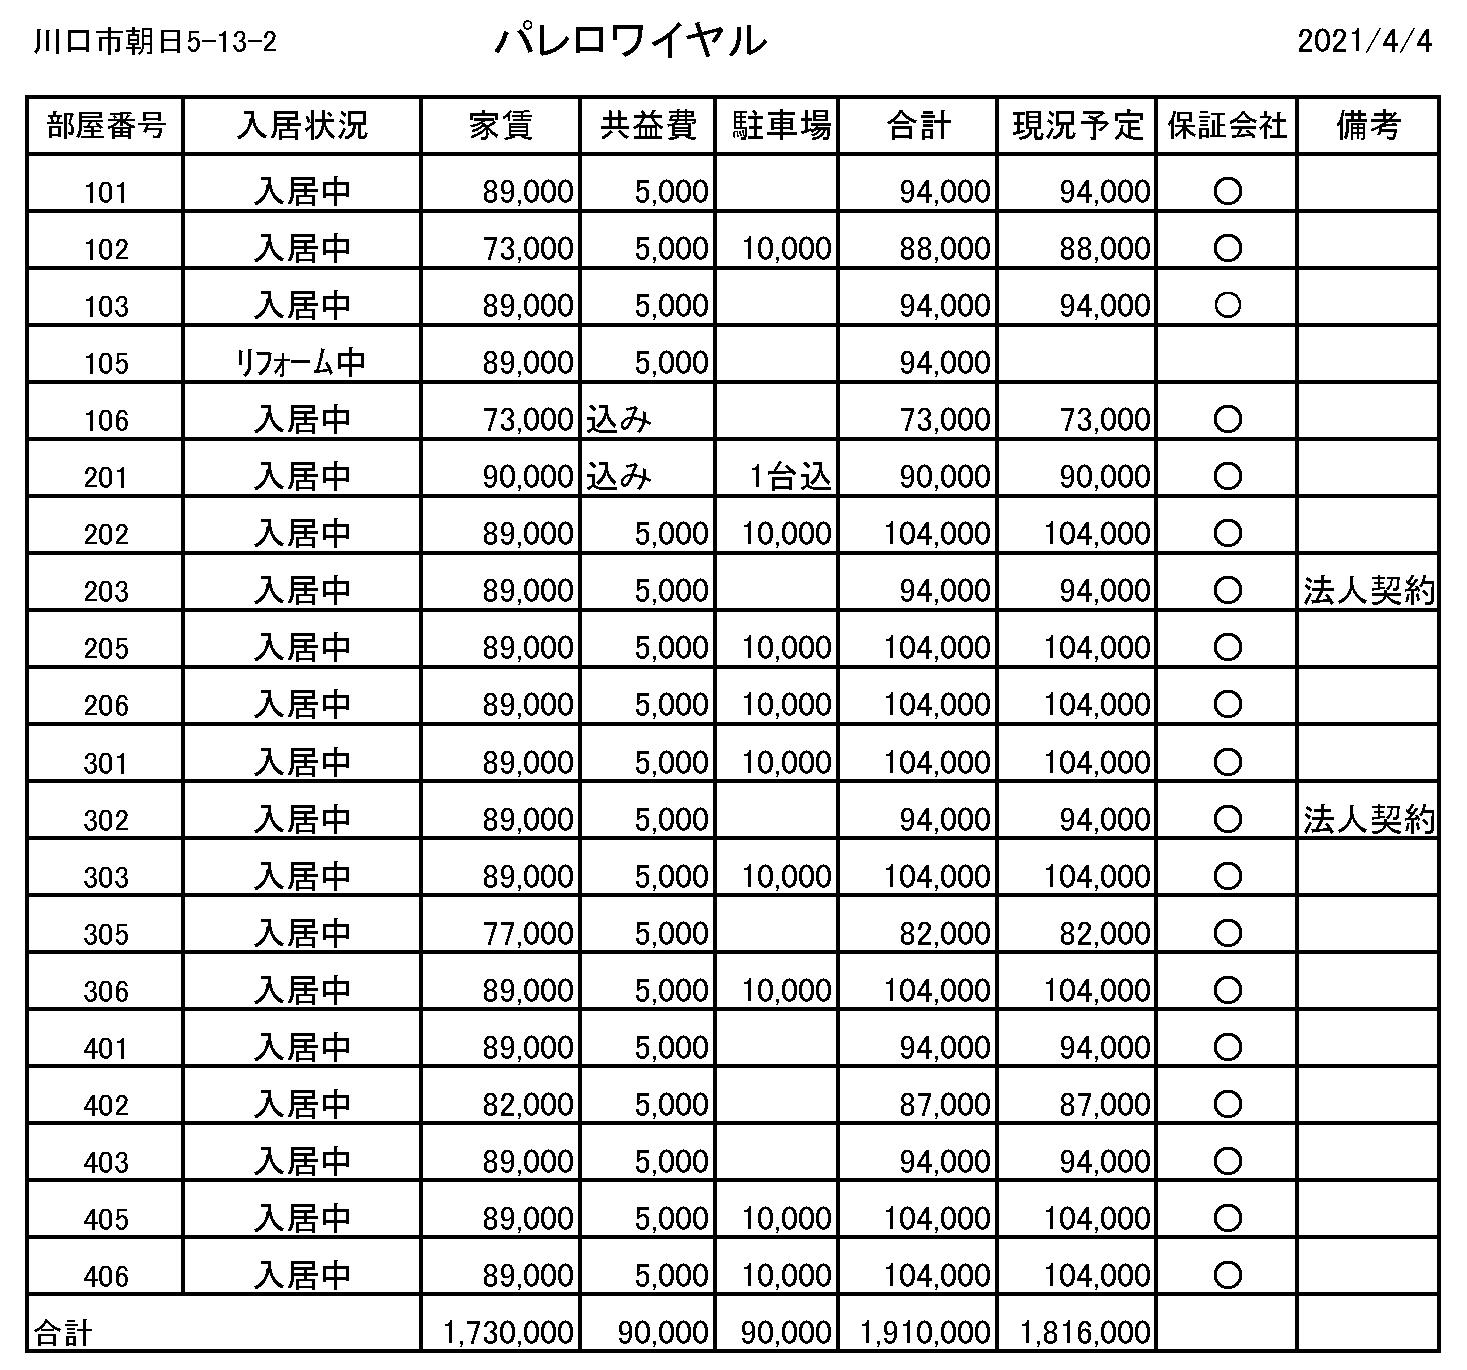 川口市朝日5-13-2パレロワイヤルレントロール